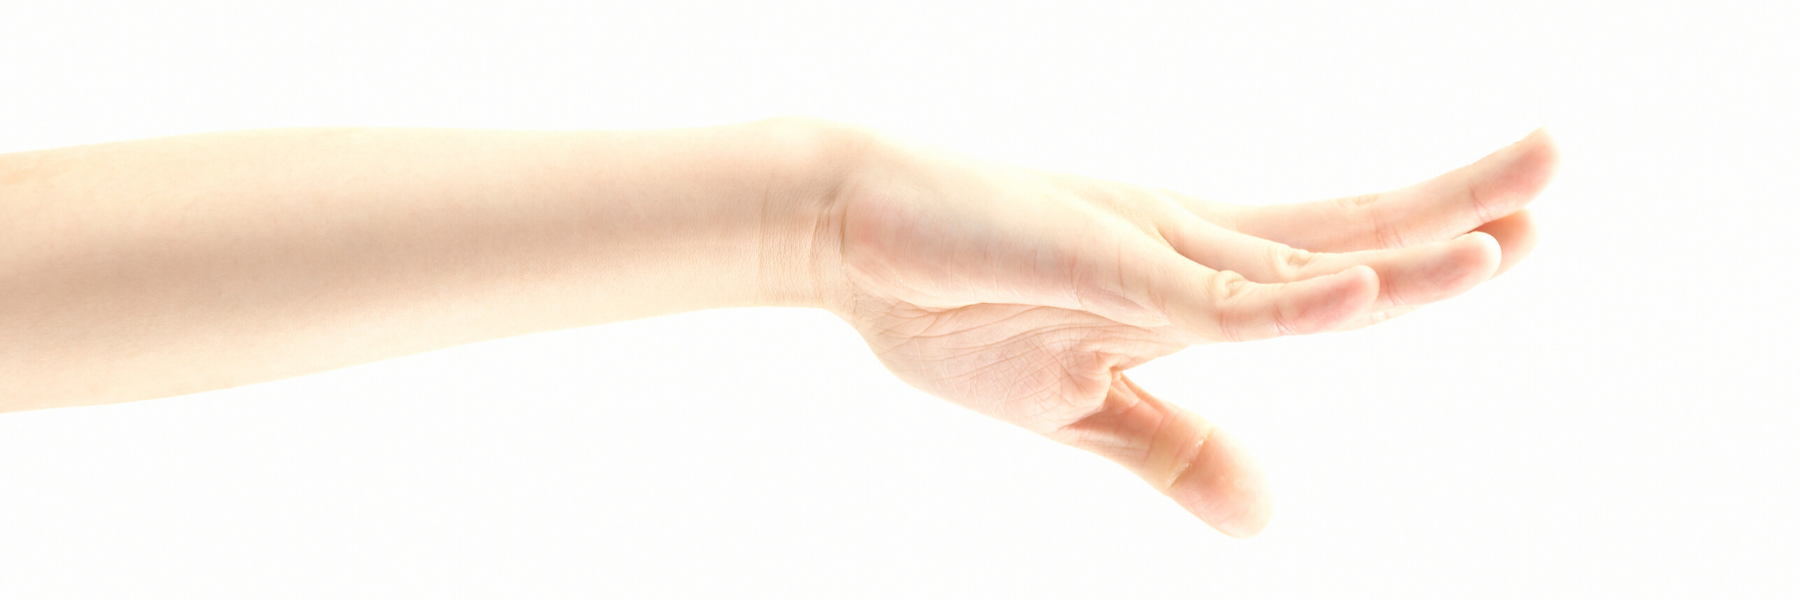 sievietes roka pēc Dipitrēna kontraktūras ārstēšanas